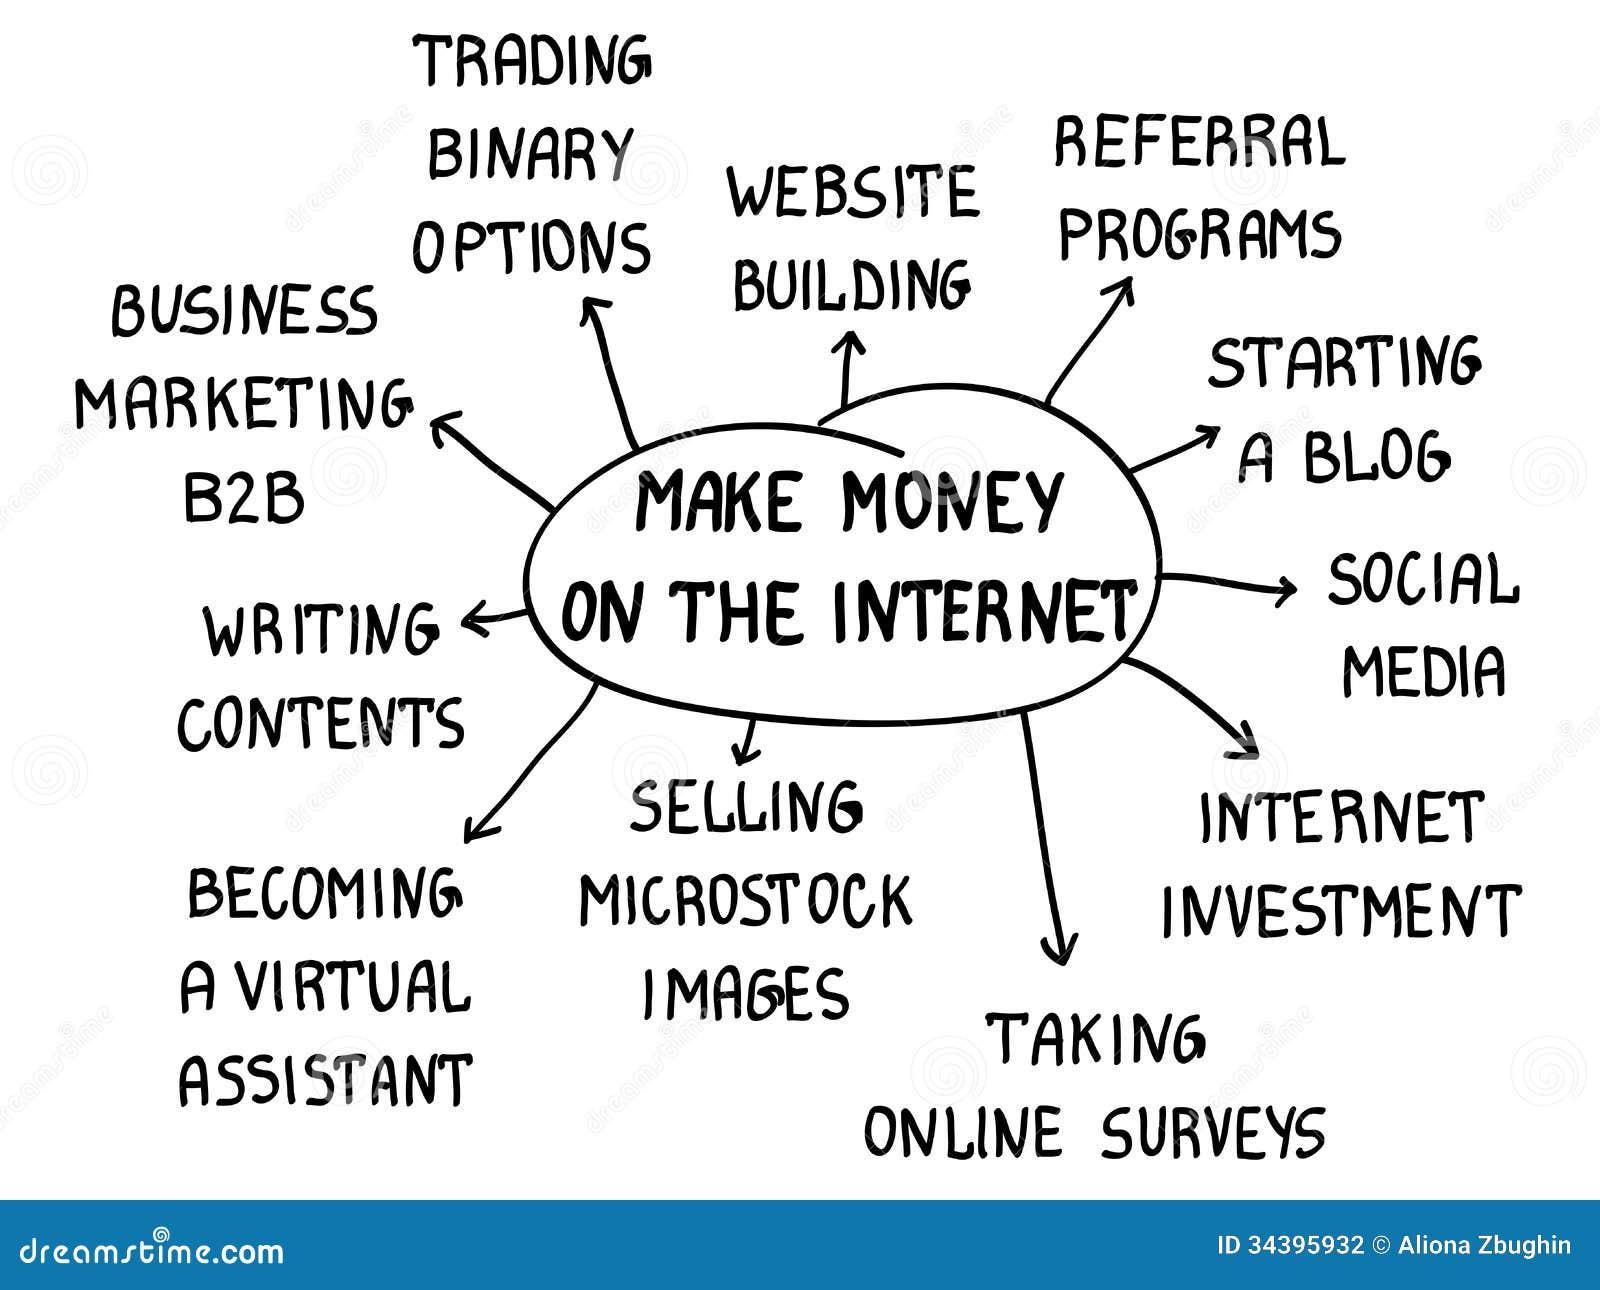 Κάνετε τα χρήματα στο διαδίκτυο